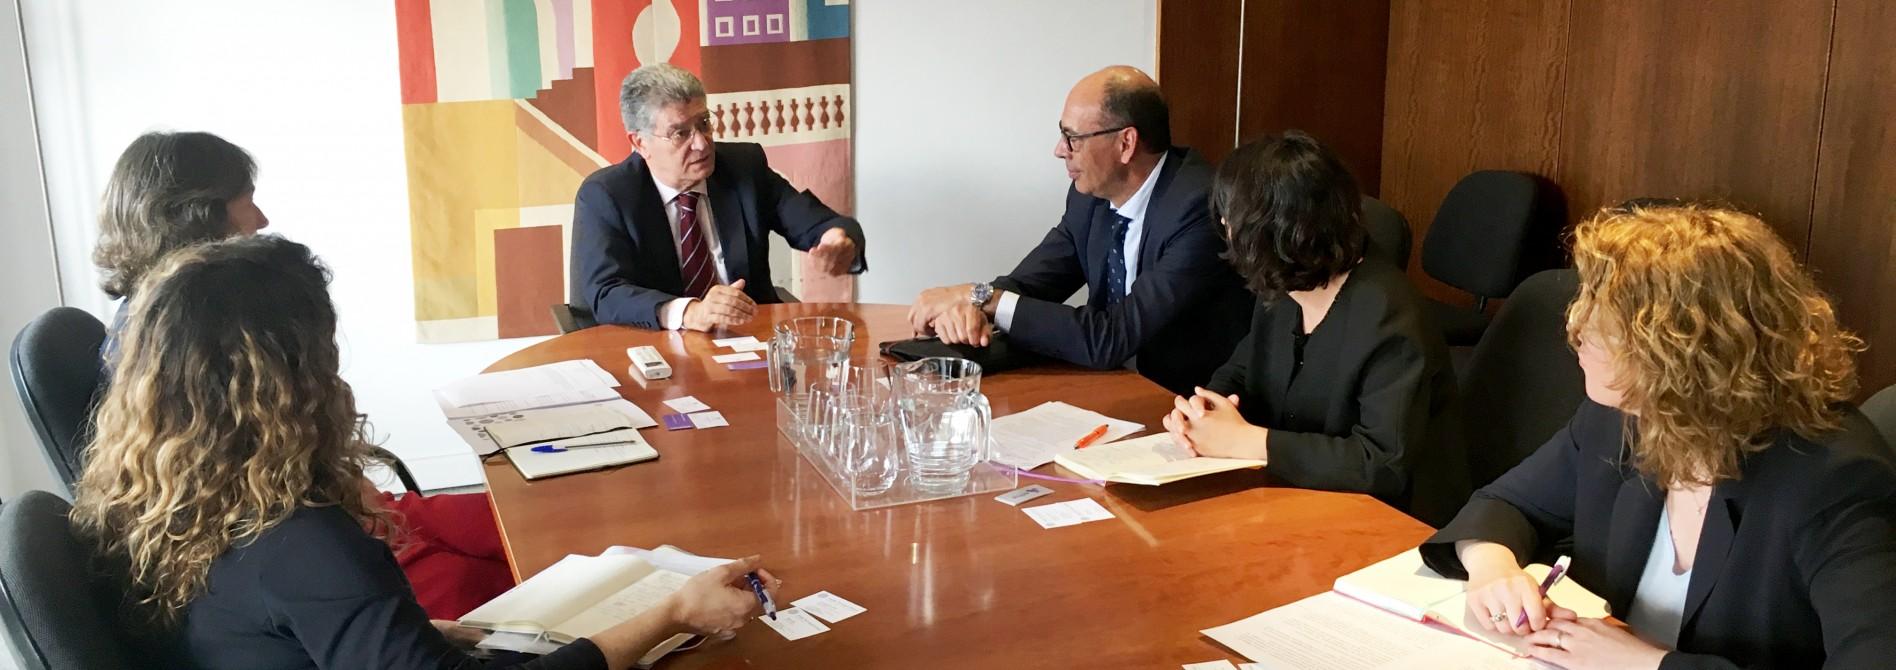 ACTUA y la agencia de Comercio Exterior de Portugal intensifican los contactos a raíz de la entrada en vigor del CDI y cierran una misión económica